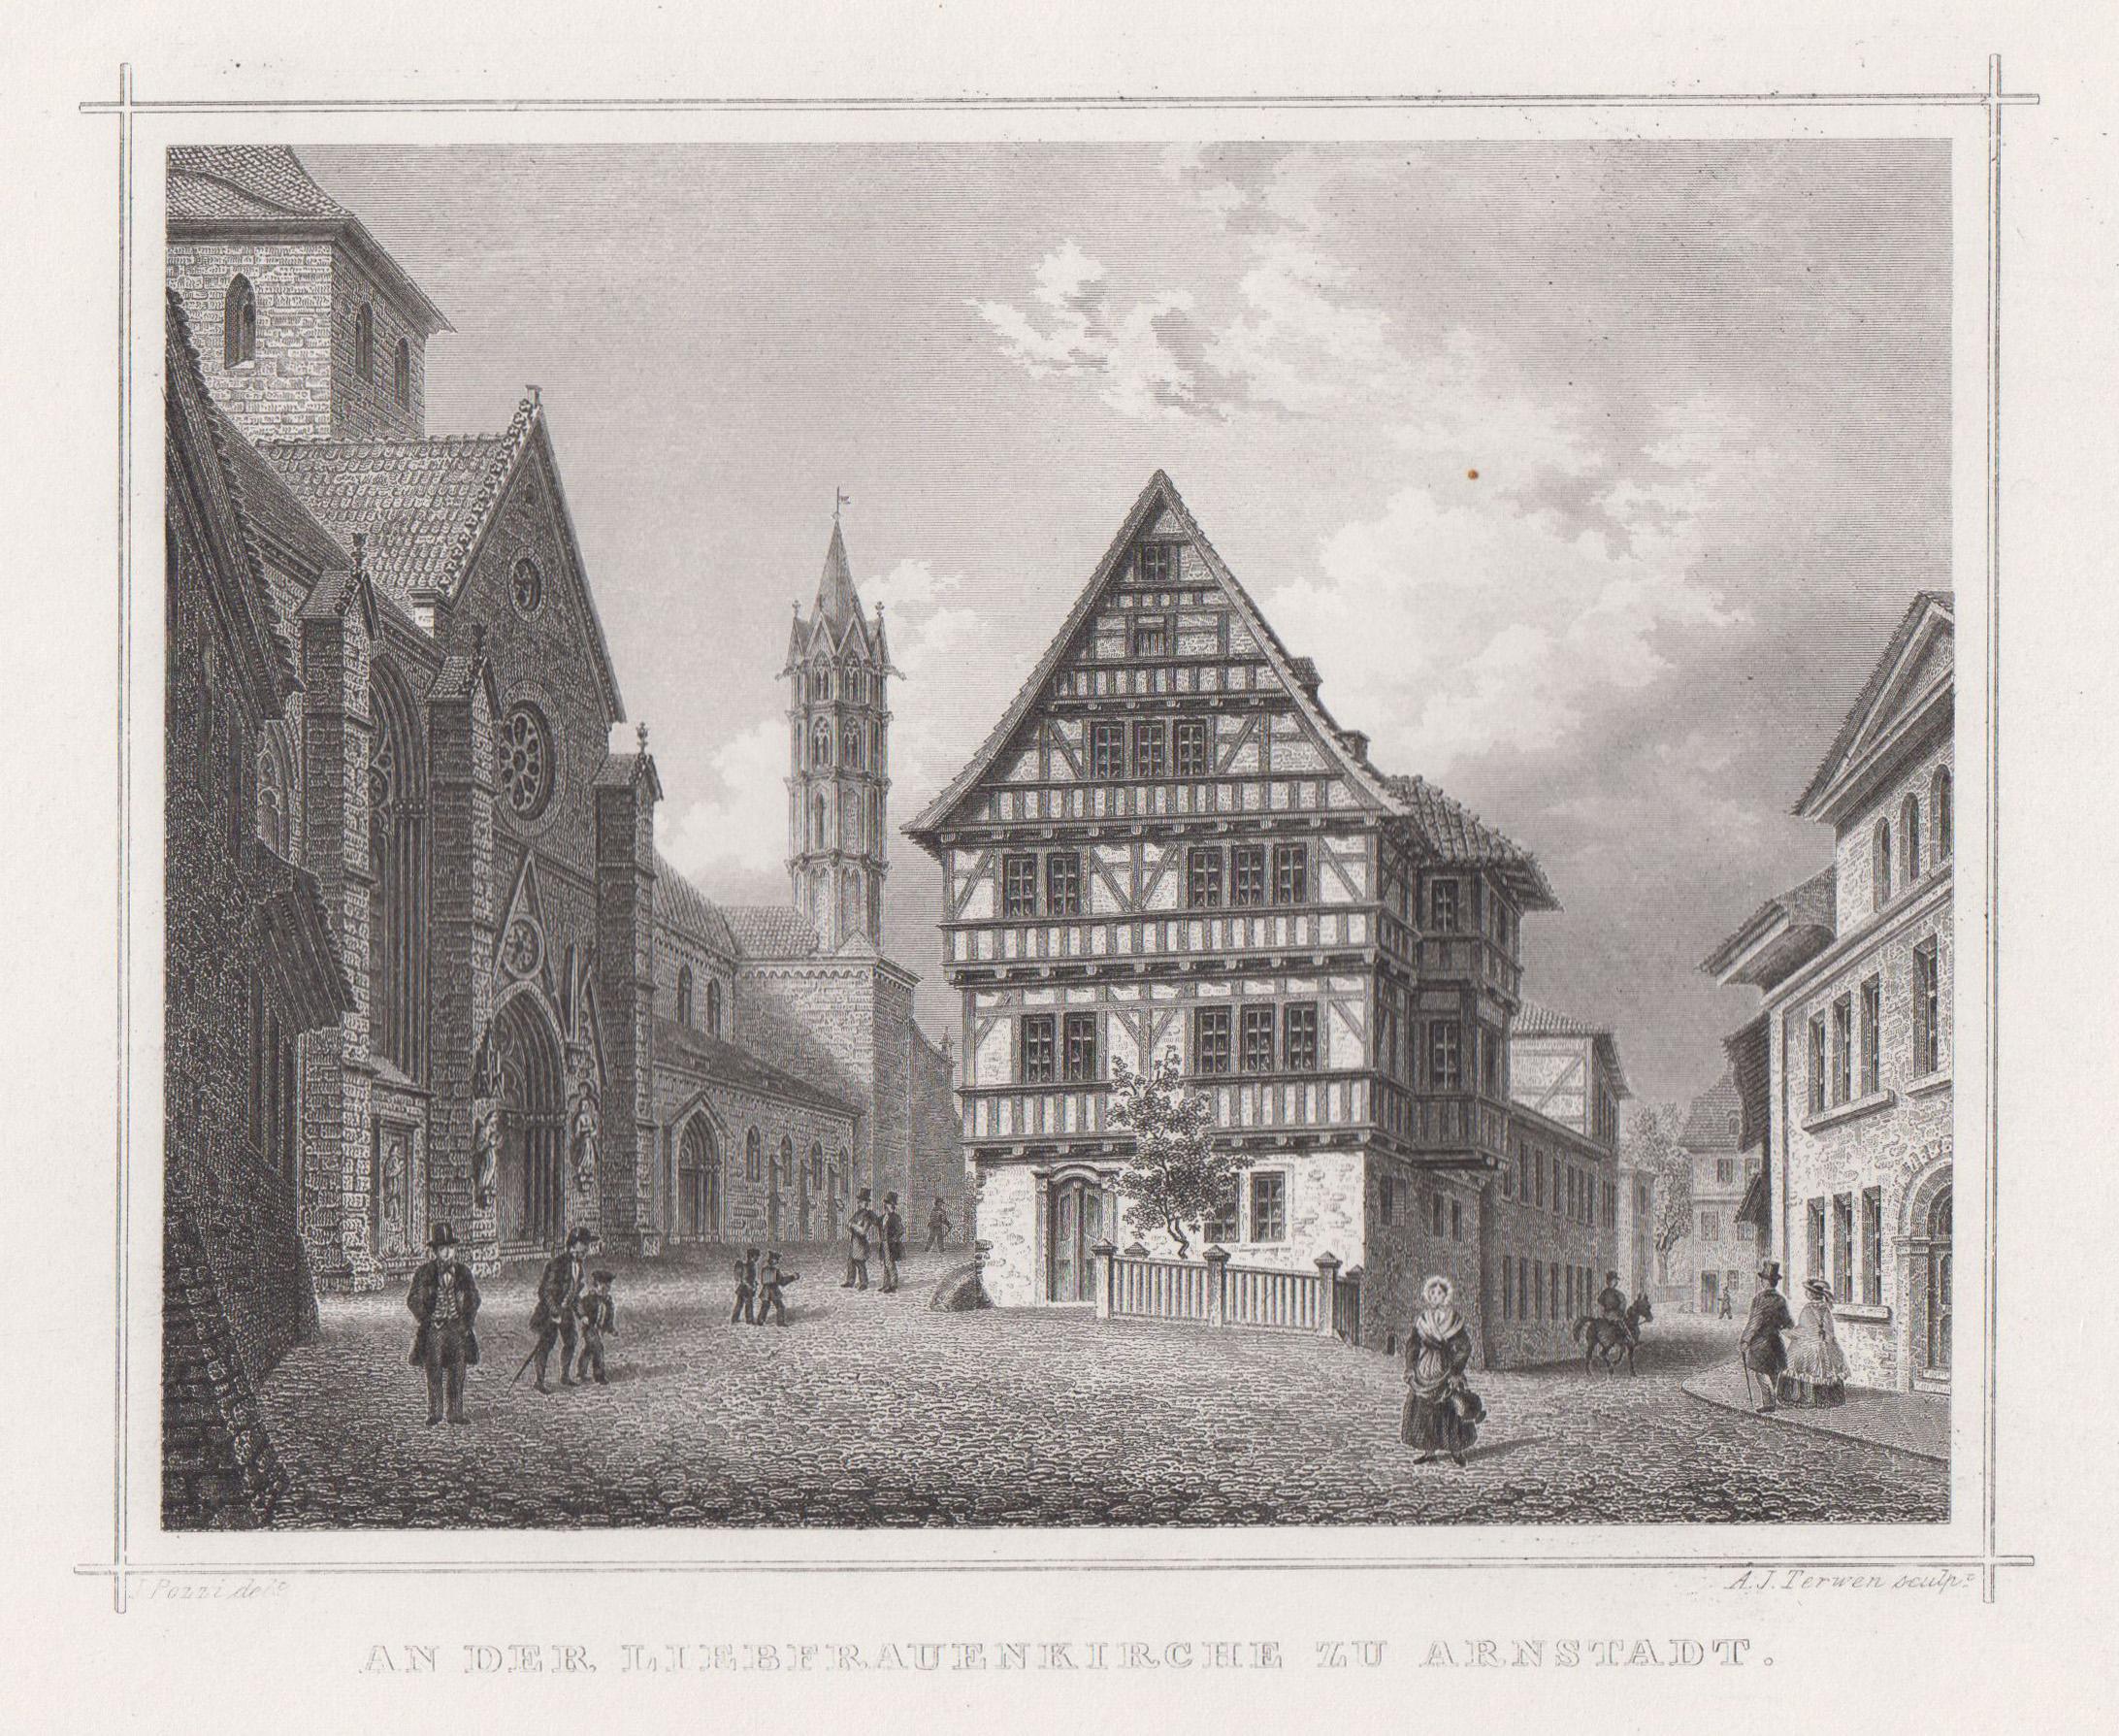 TA., Innenstadtansicht m. d. Liebfrauenkirche.: Arnstadt: